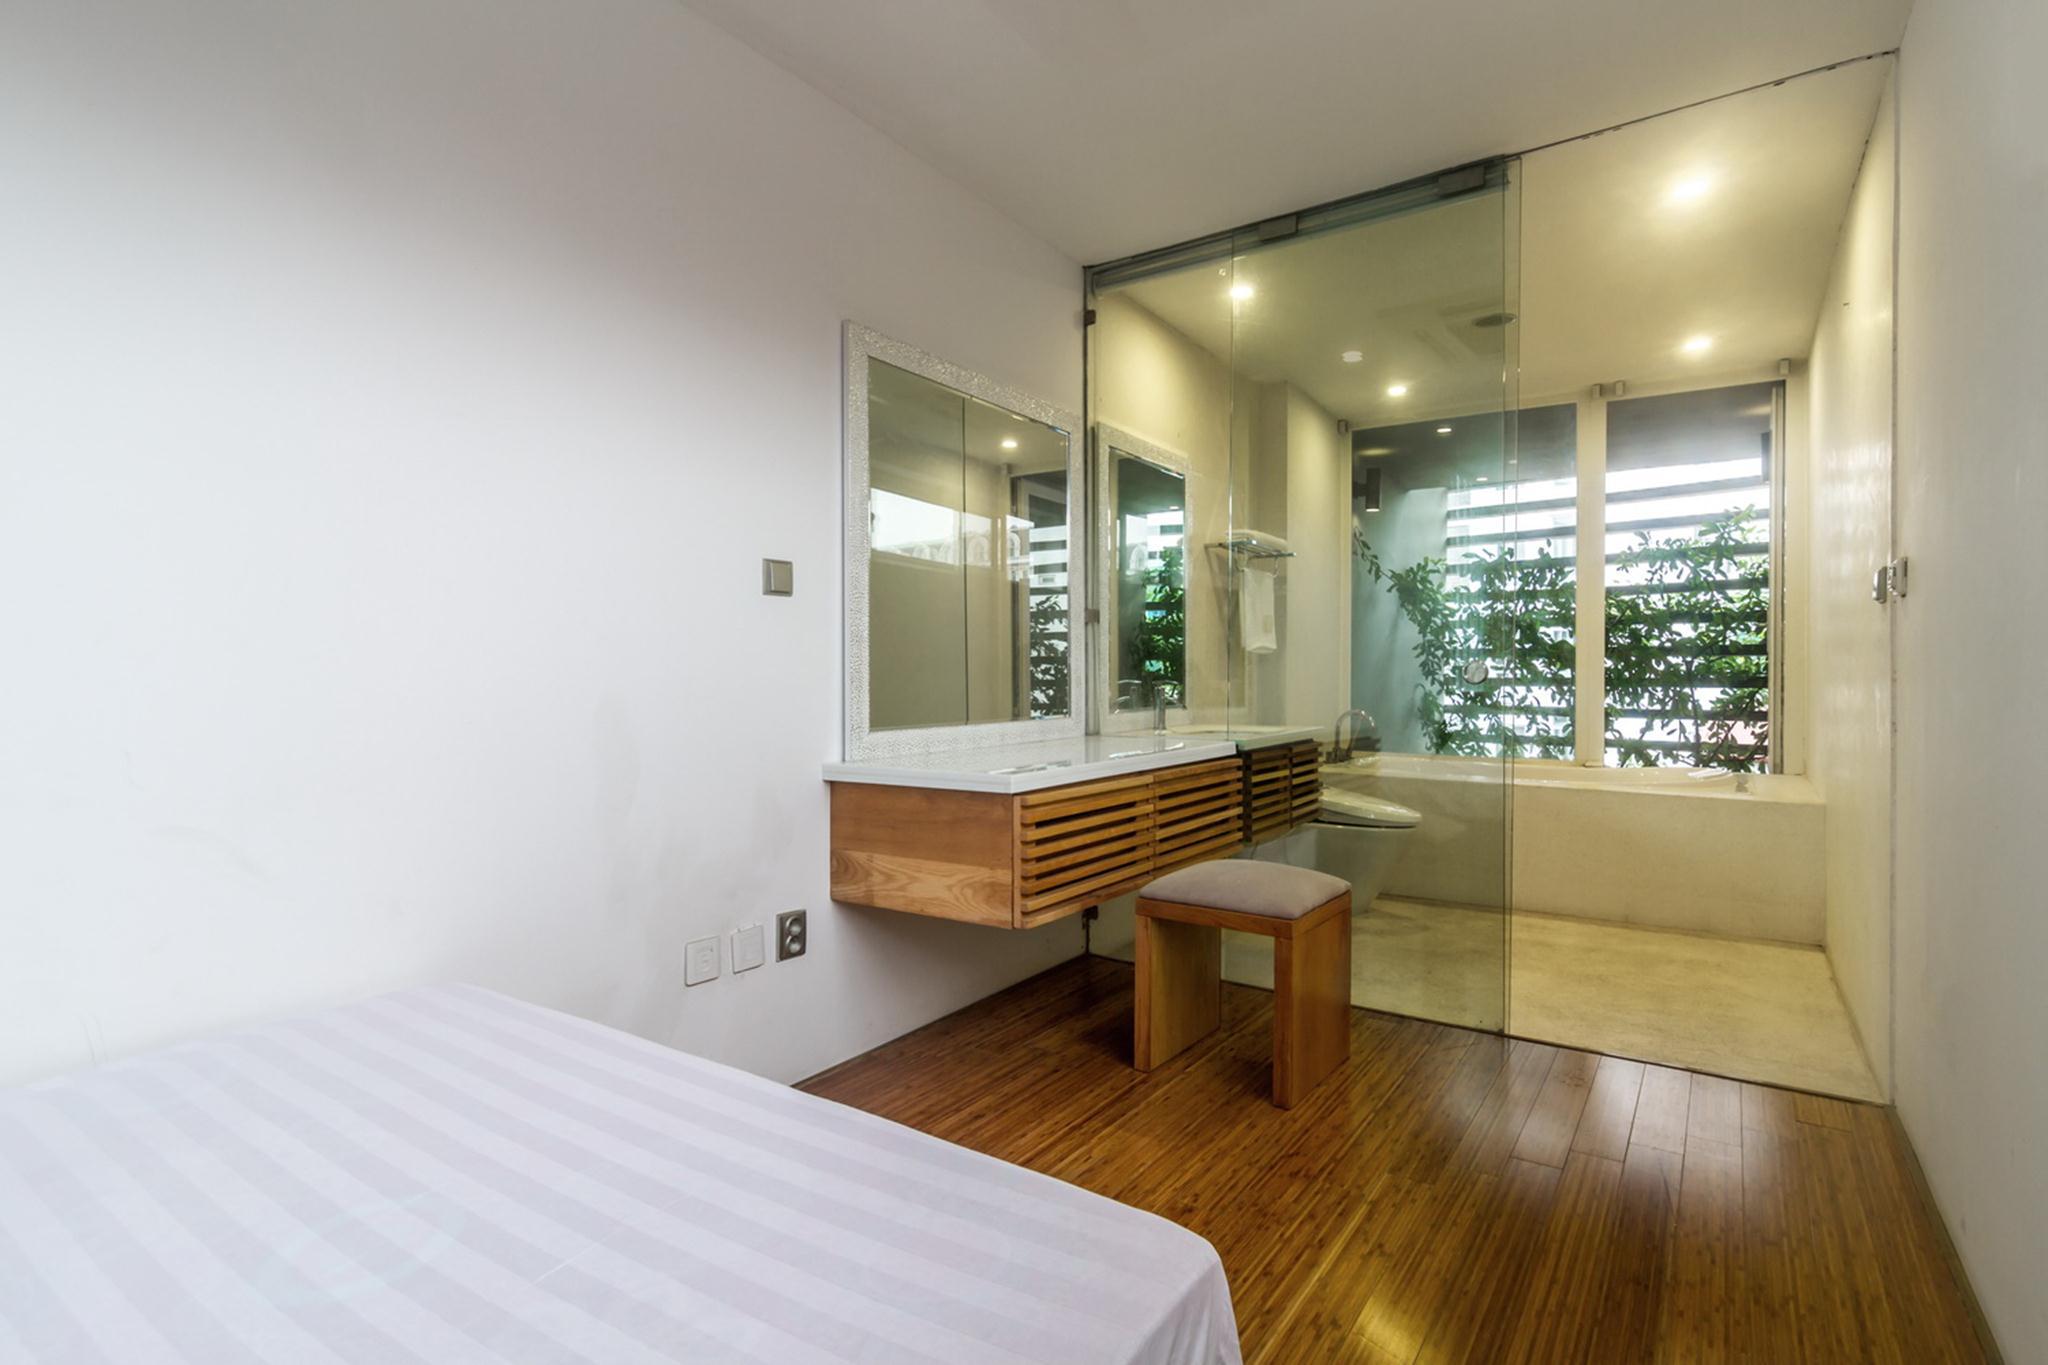 11_Bedroom1_Hoang Le (Copy)